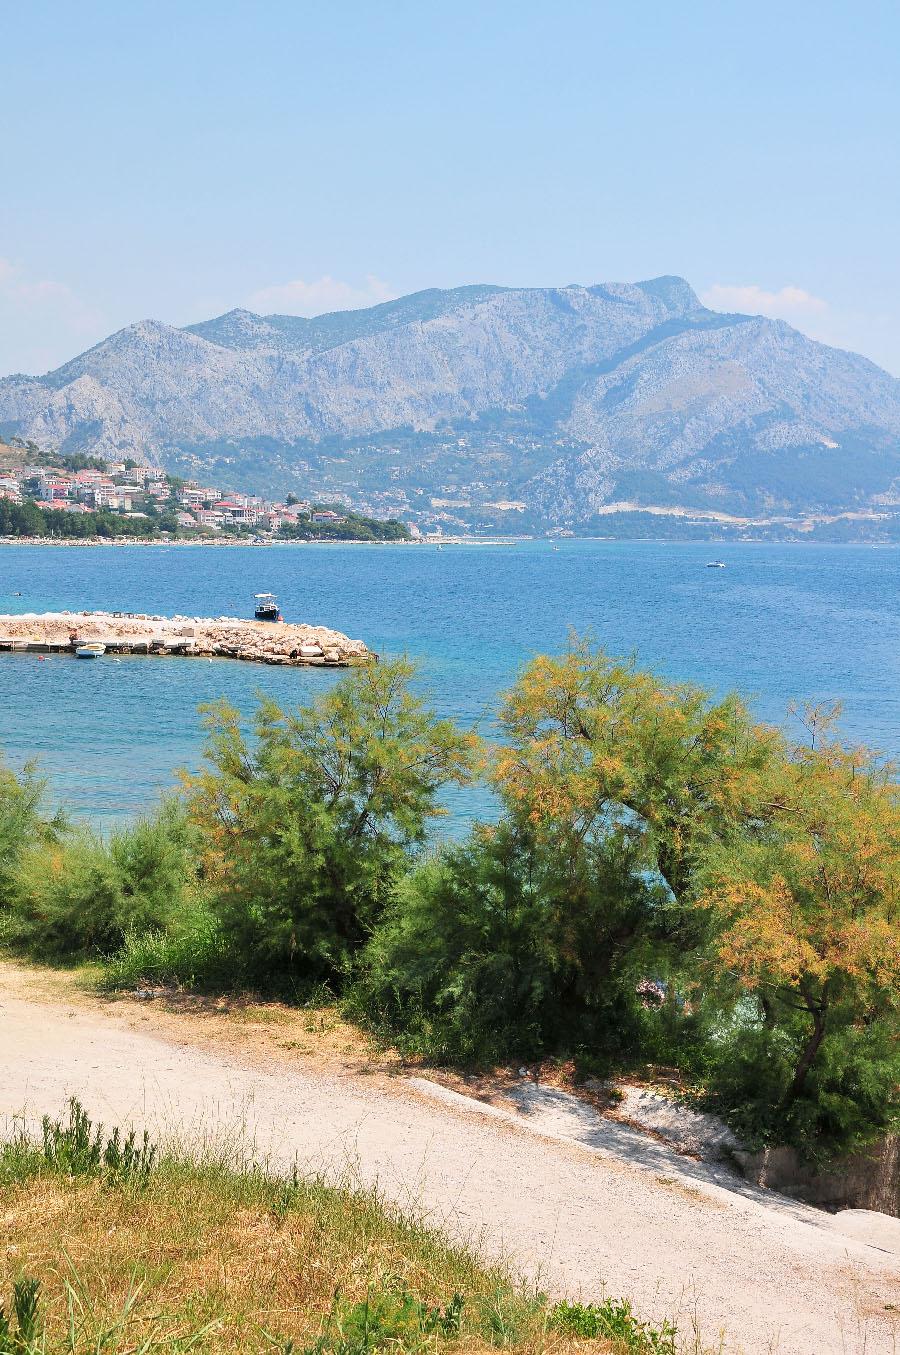 plages de la riviera de makarska, vues sur la montagne du biokovo